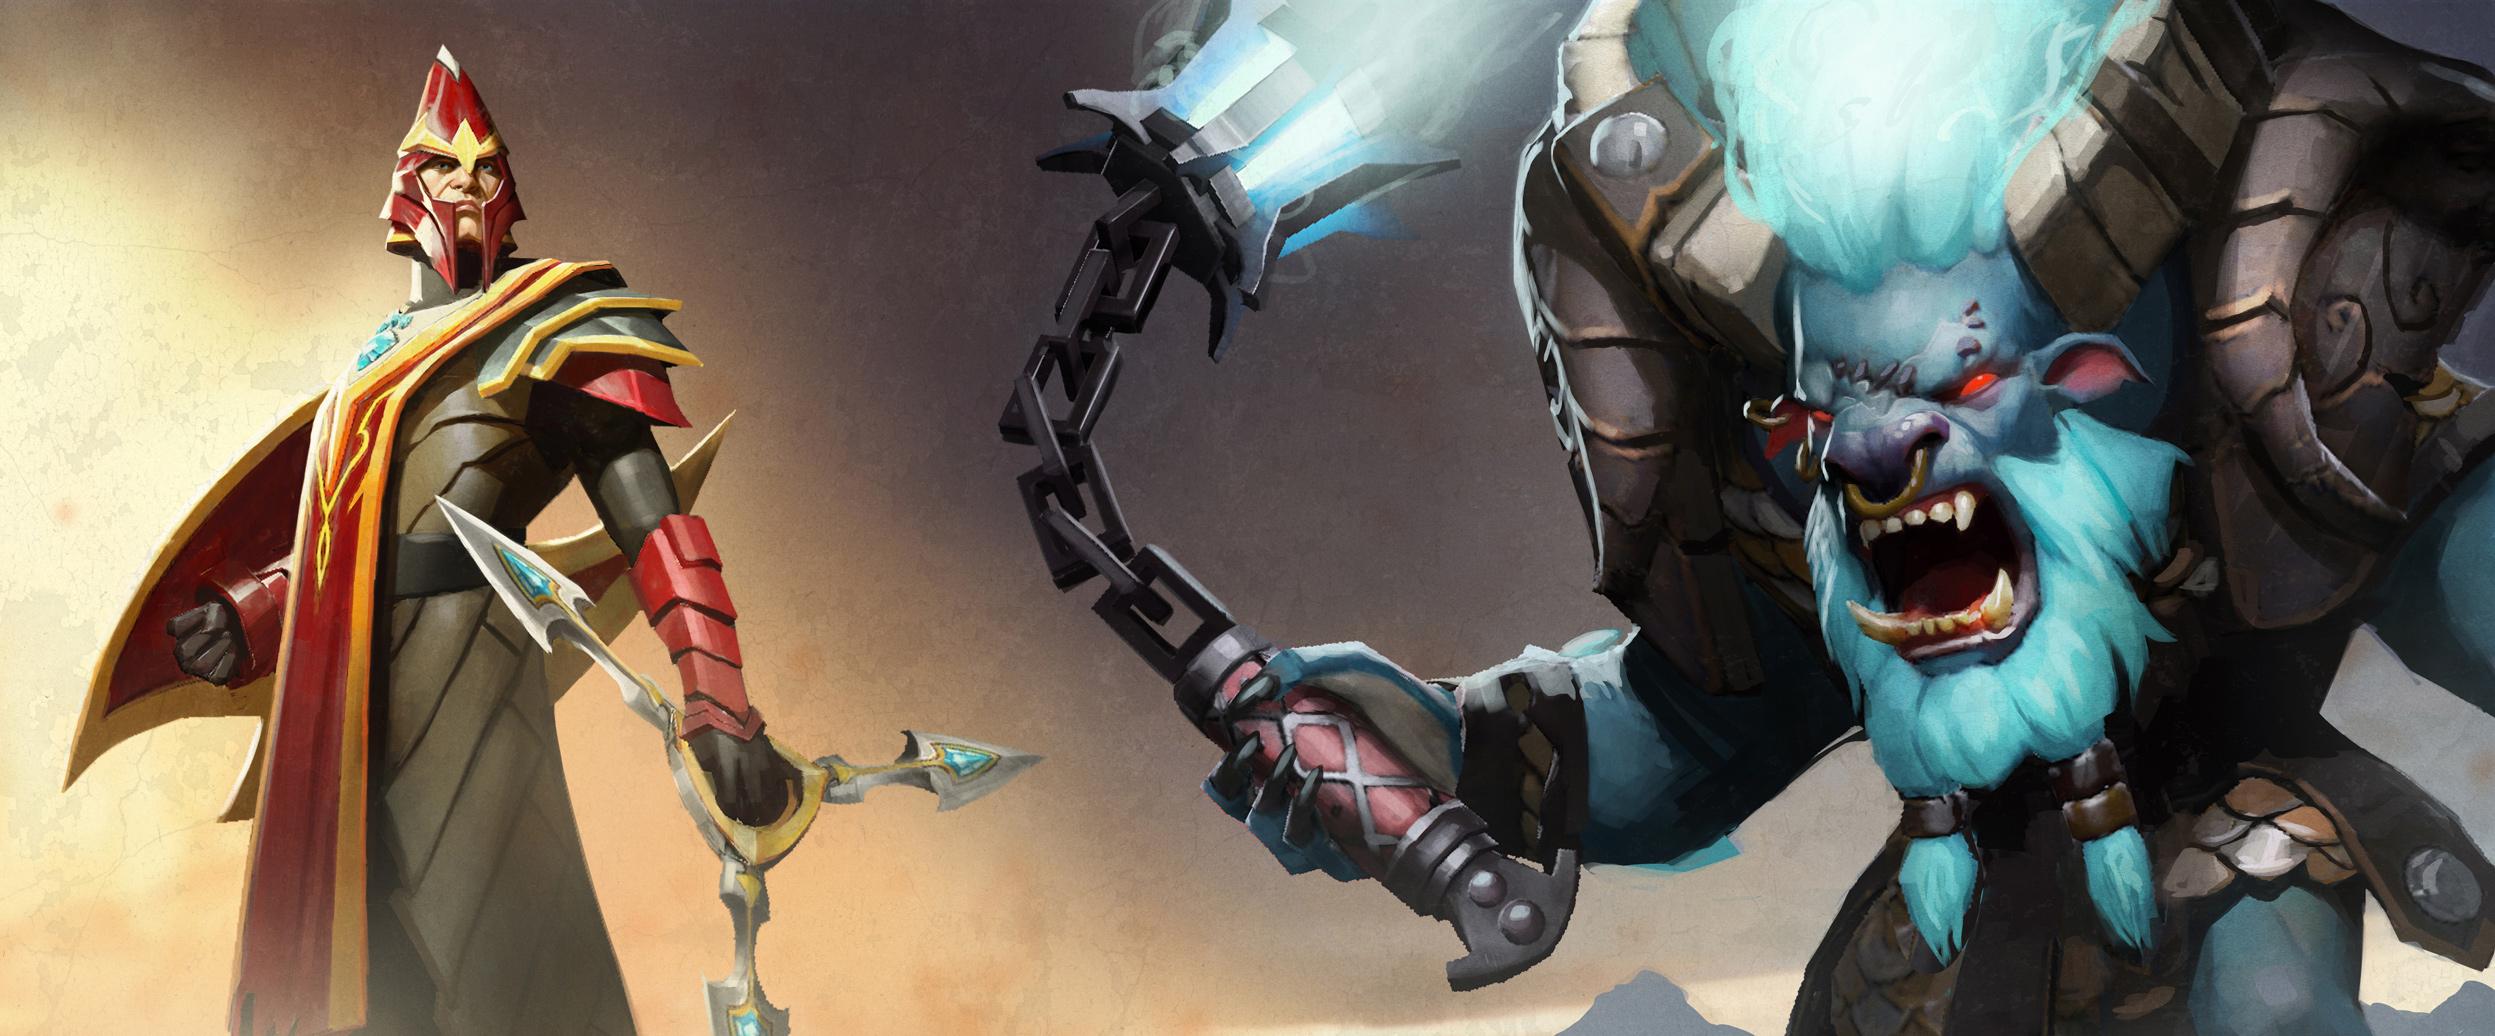 Loạt ảnh nguyên họa của các hero trong DotA 2 - Ảnh 11